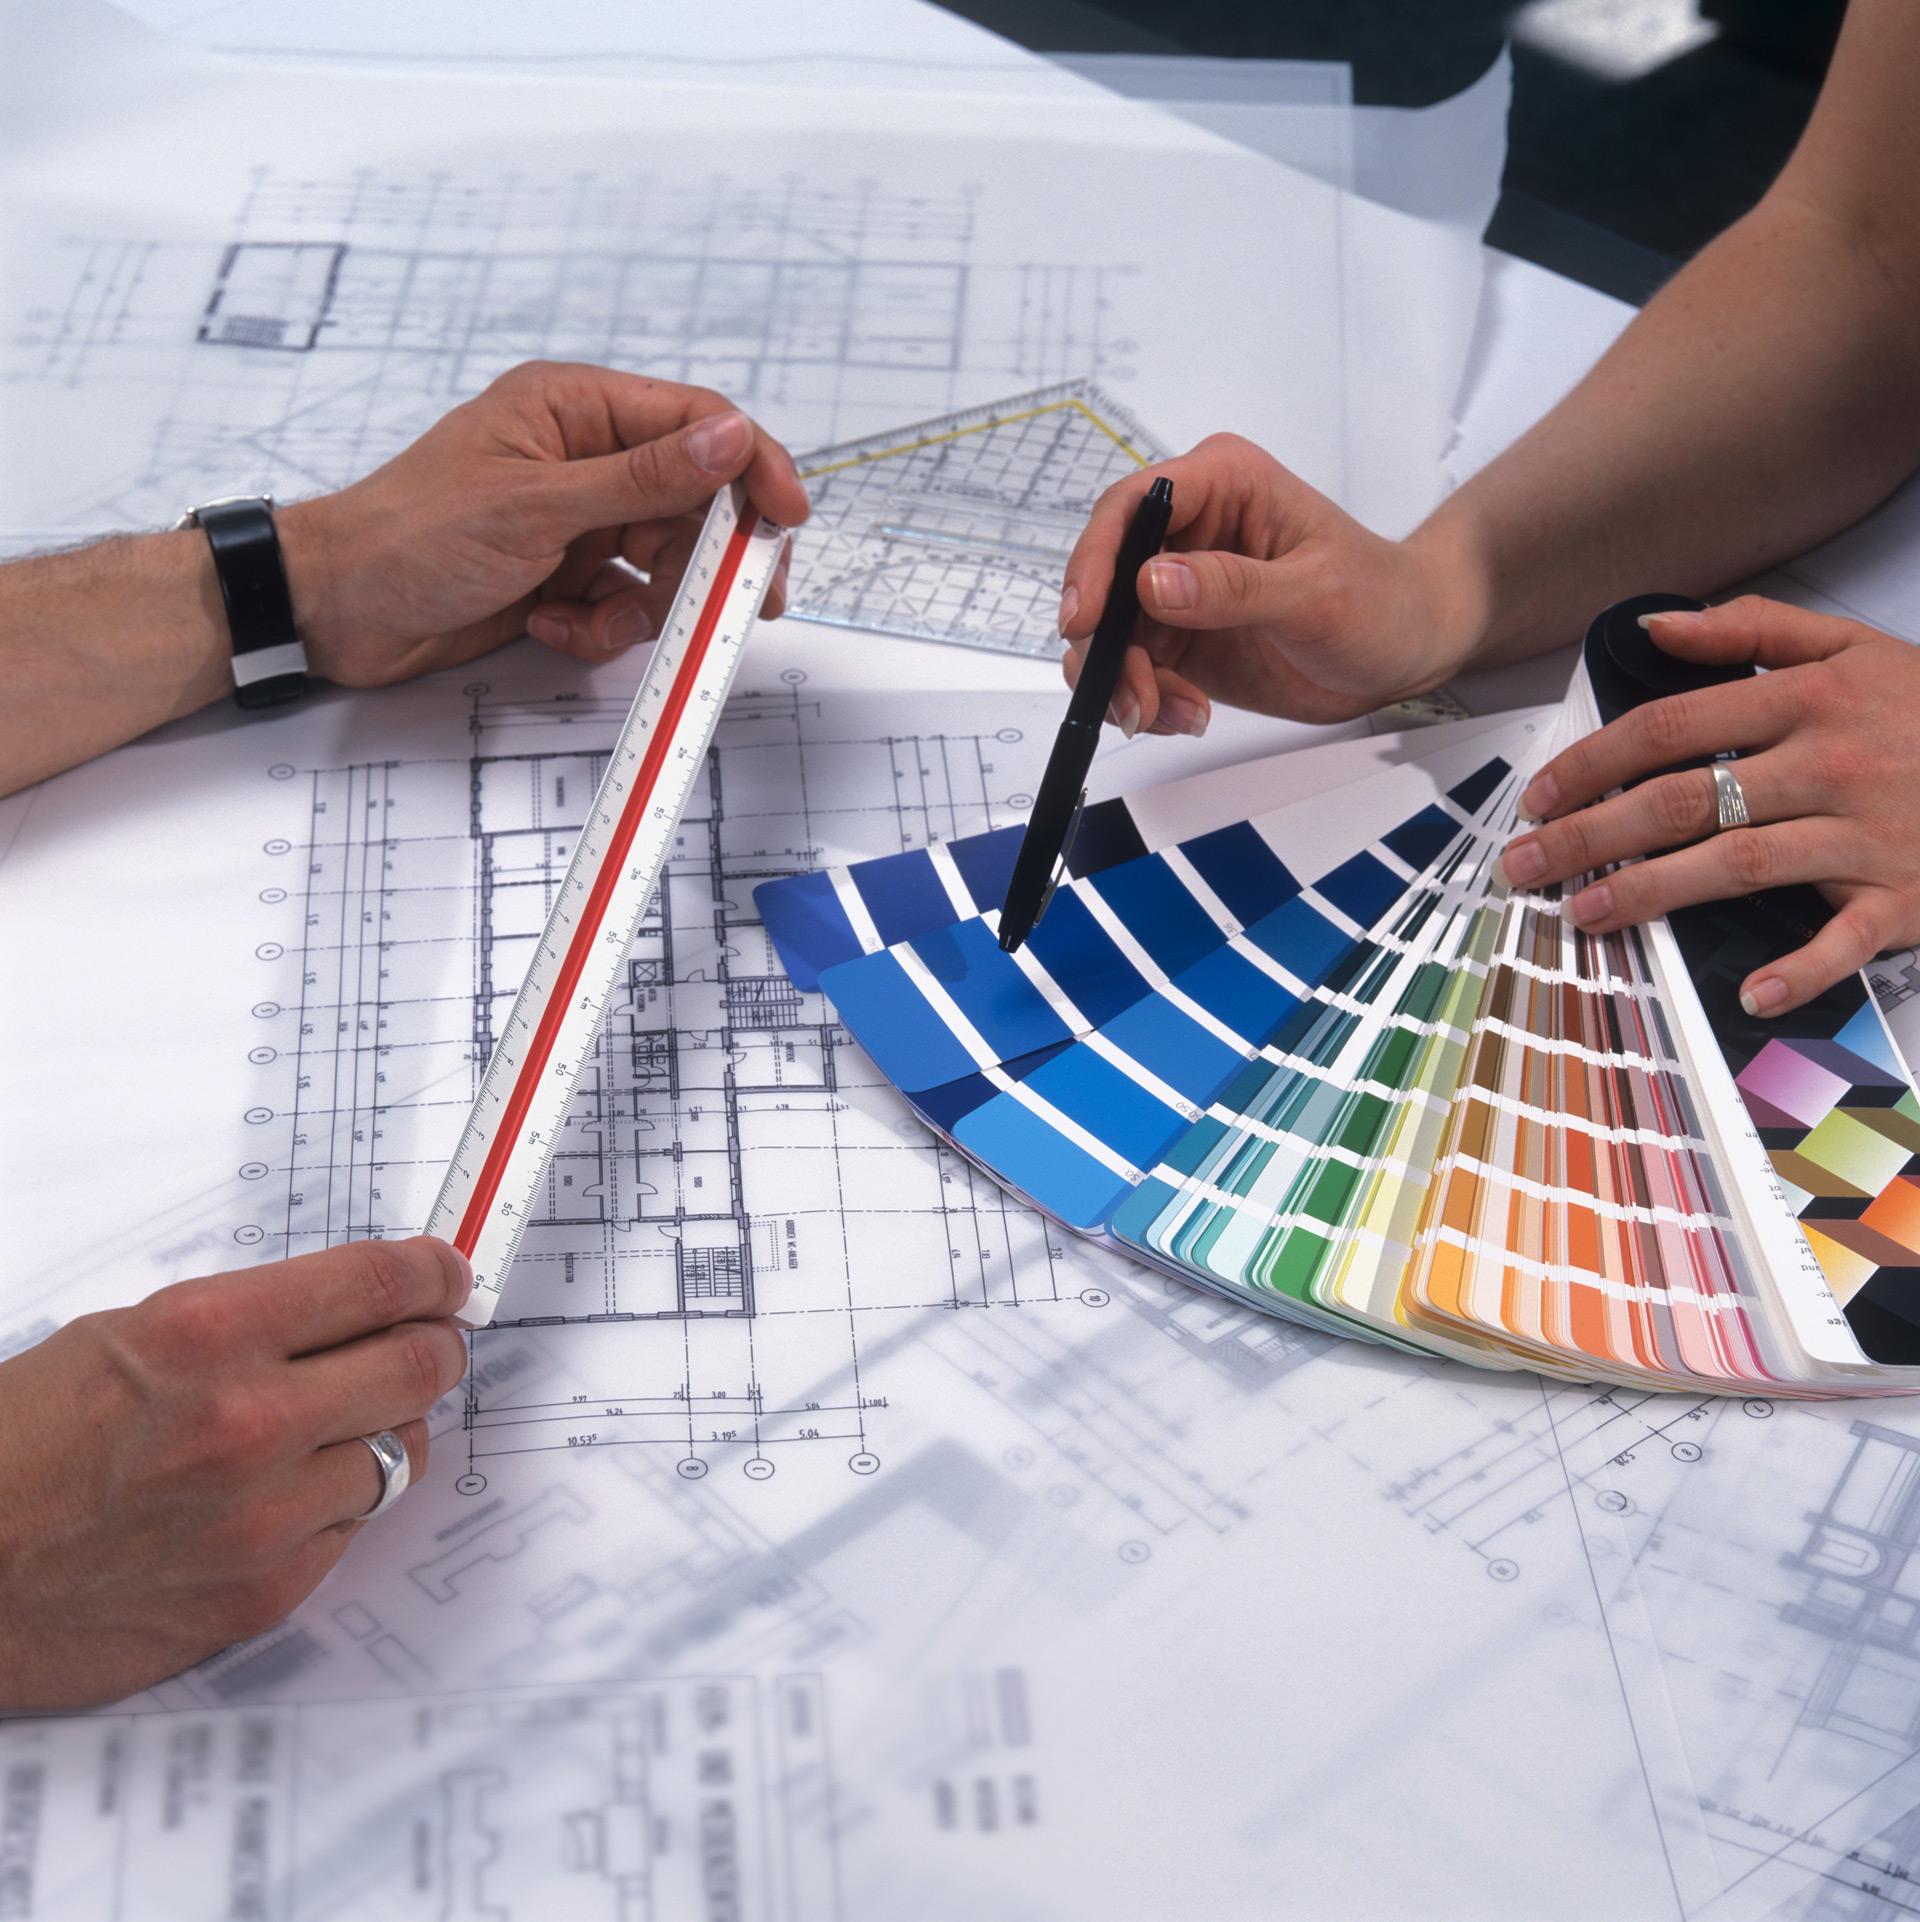 iStock Architektur Kruse Farbskala Planung Zeichnung